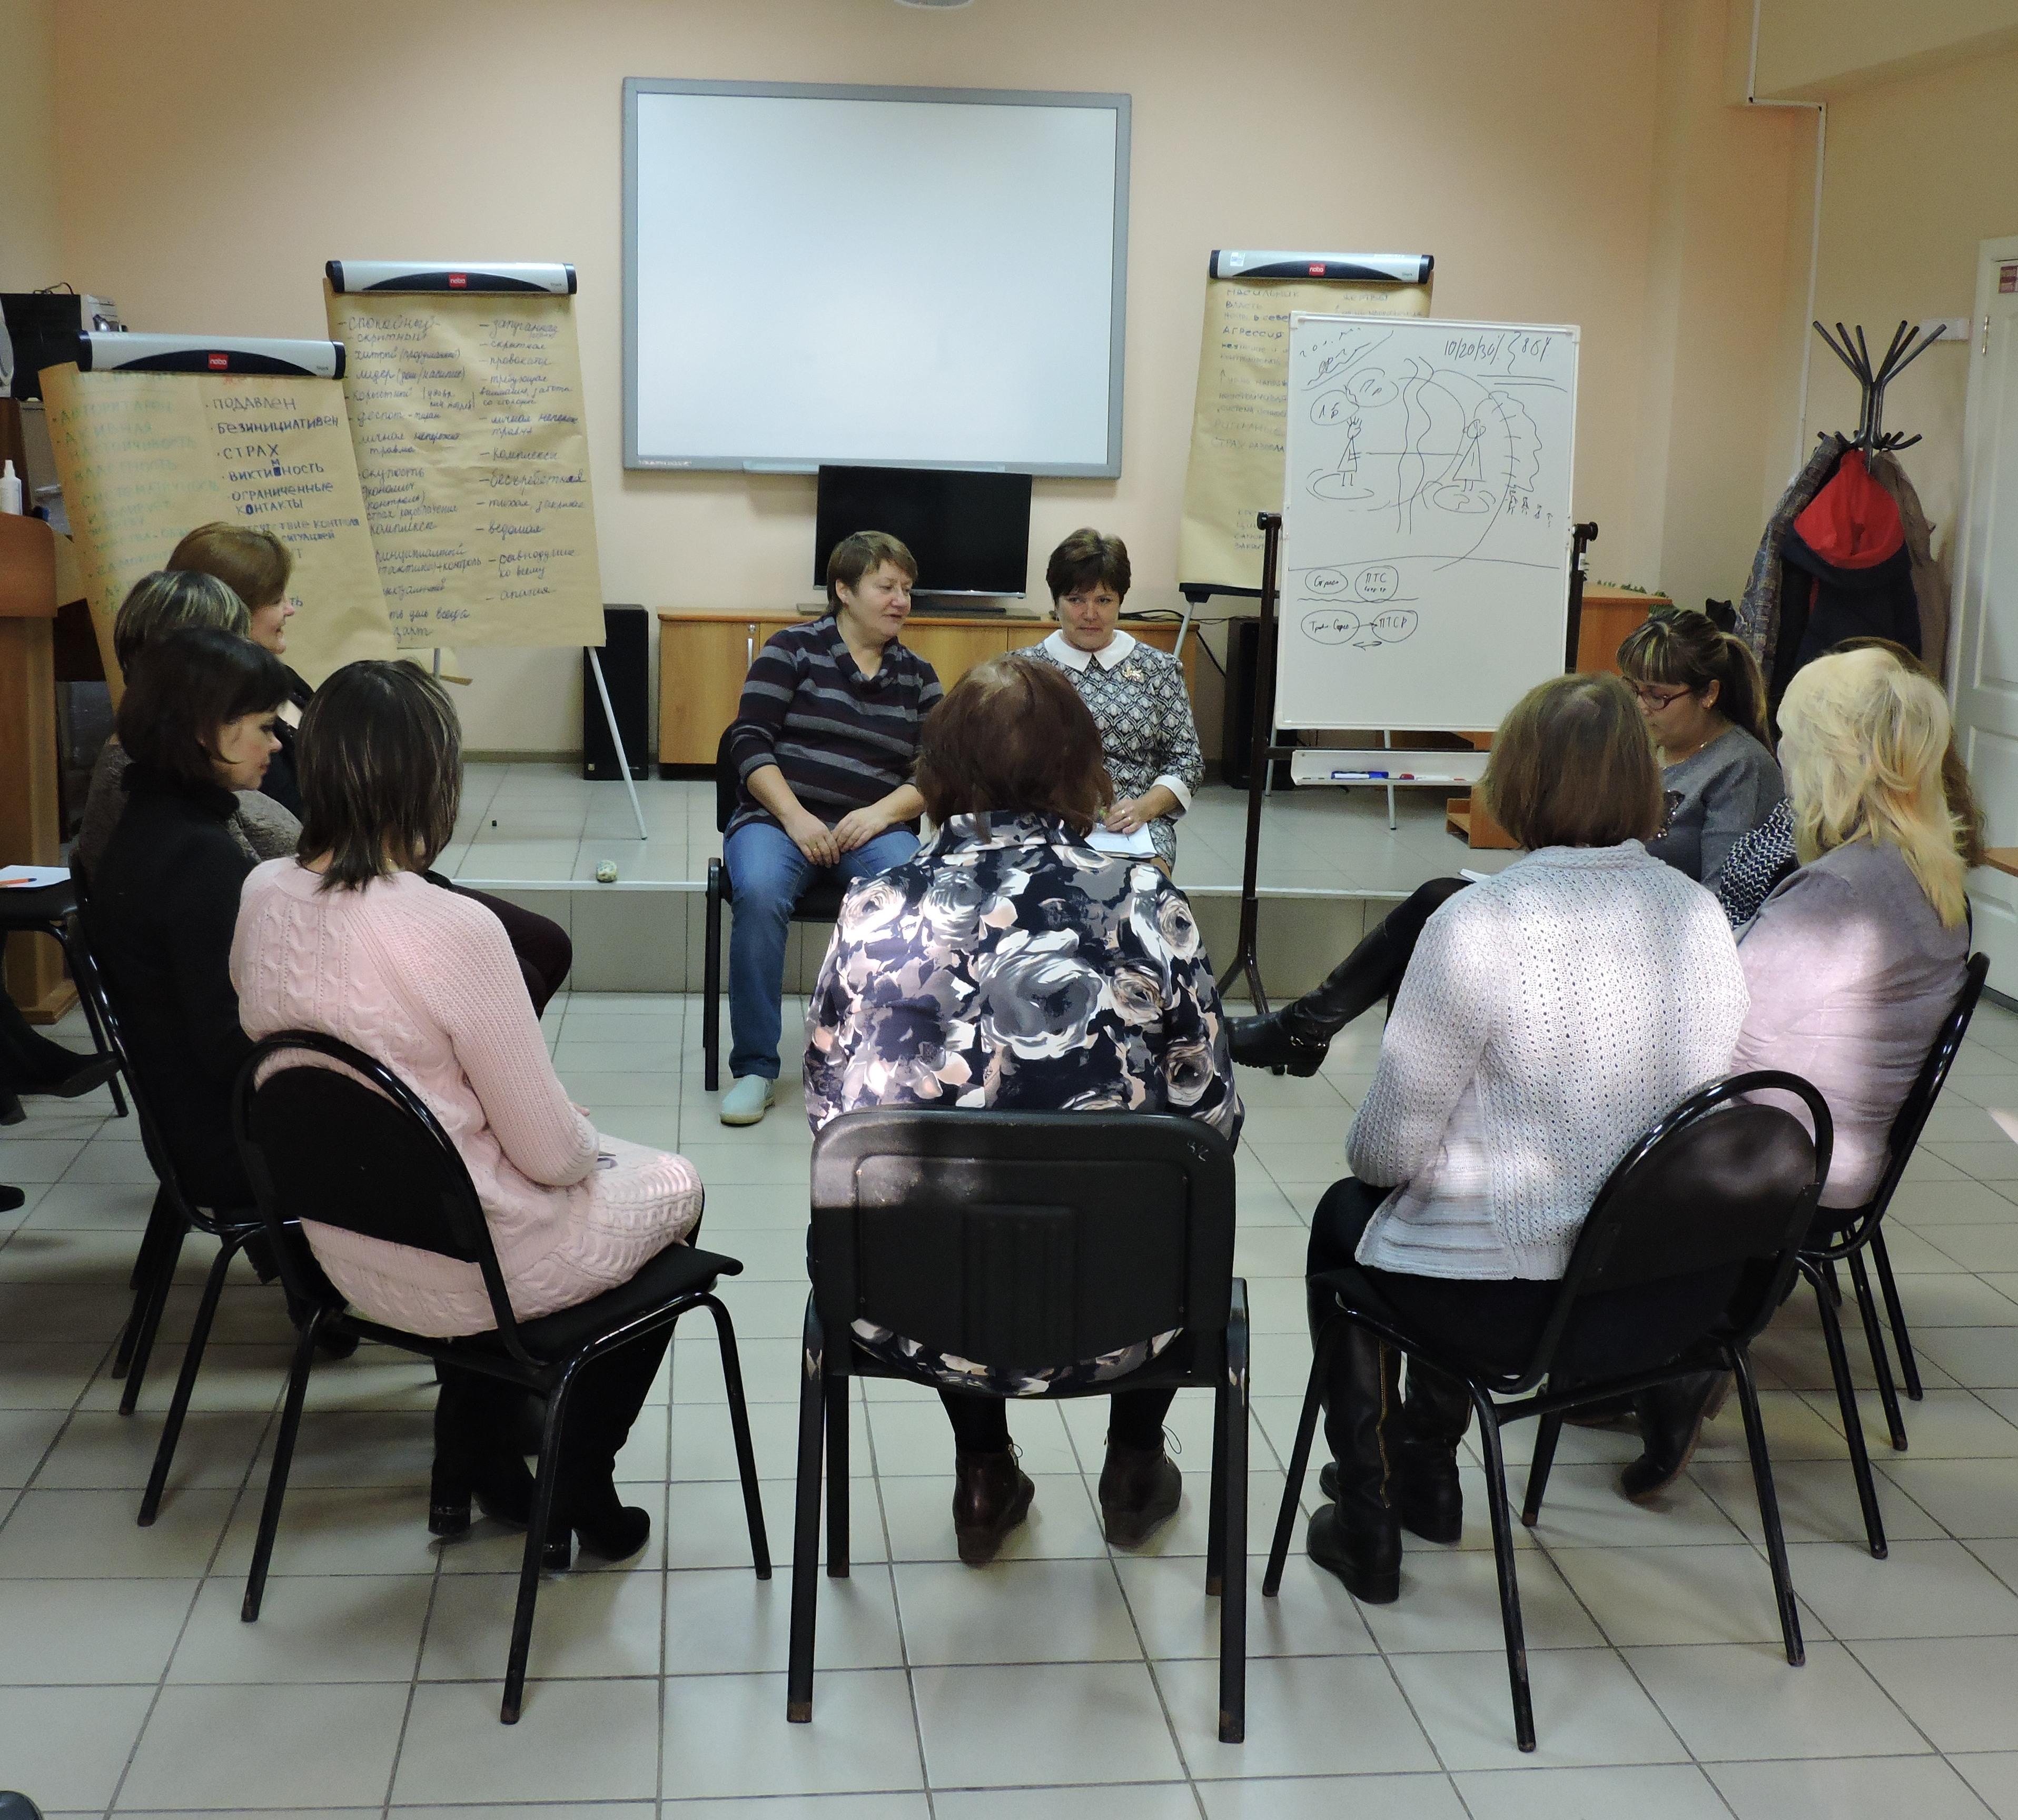 ВКургане завершилась 2-сессия трехдневного образовательного семинара поуслуге «Особенности сопровождения замещающих семей»